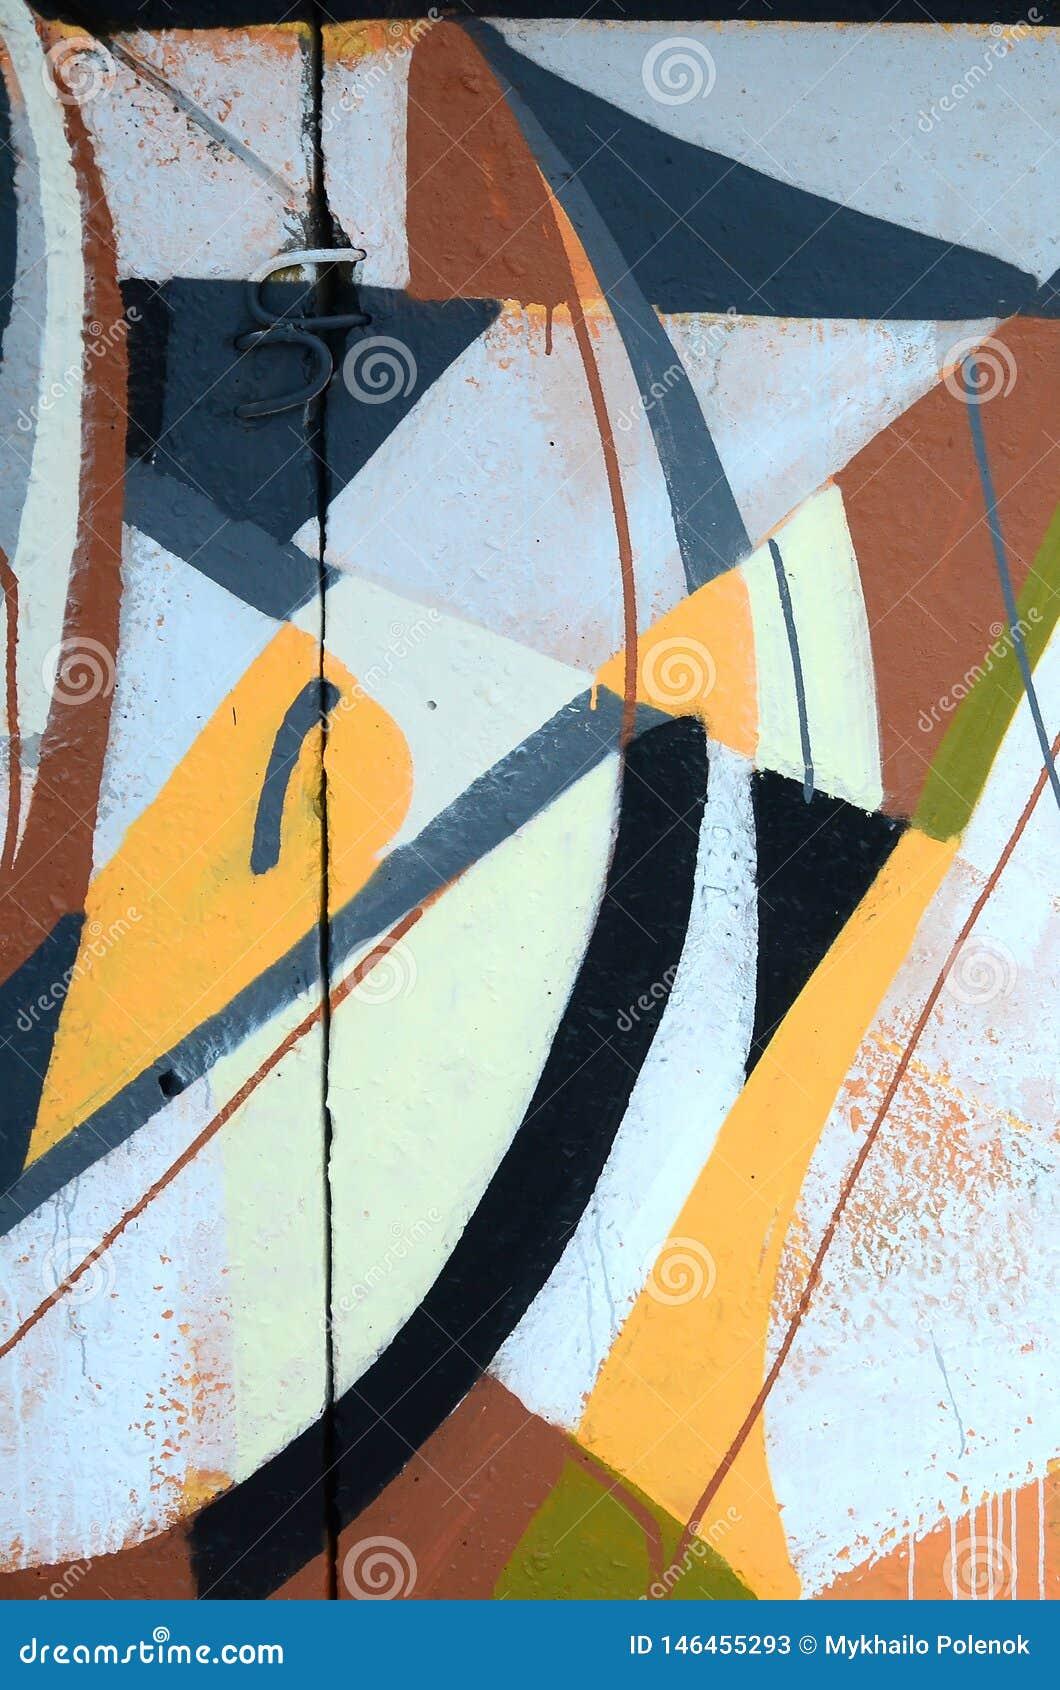 Fragment von farbigen Stra?enkunst-Graffitimalereien mit Konturen und oben schattieren Abschluss